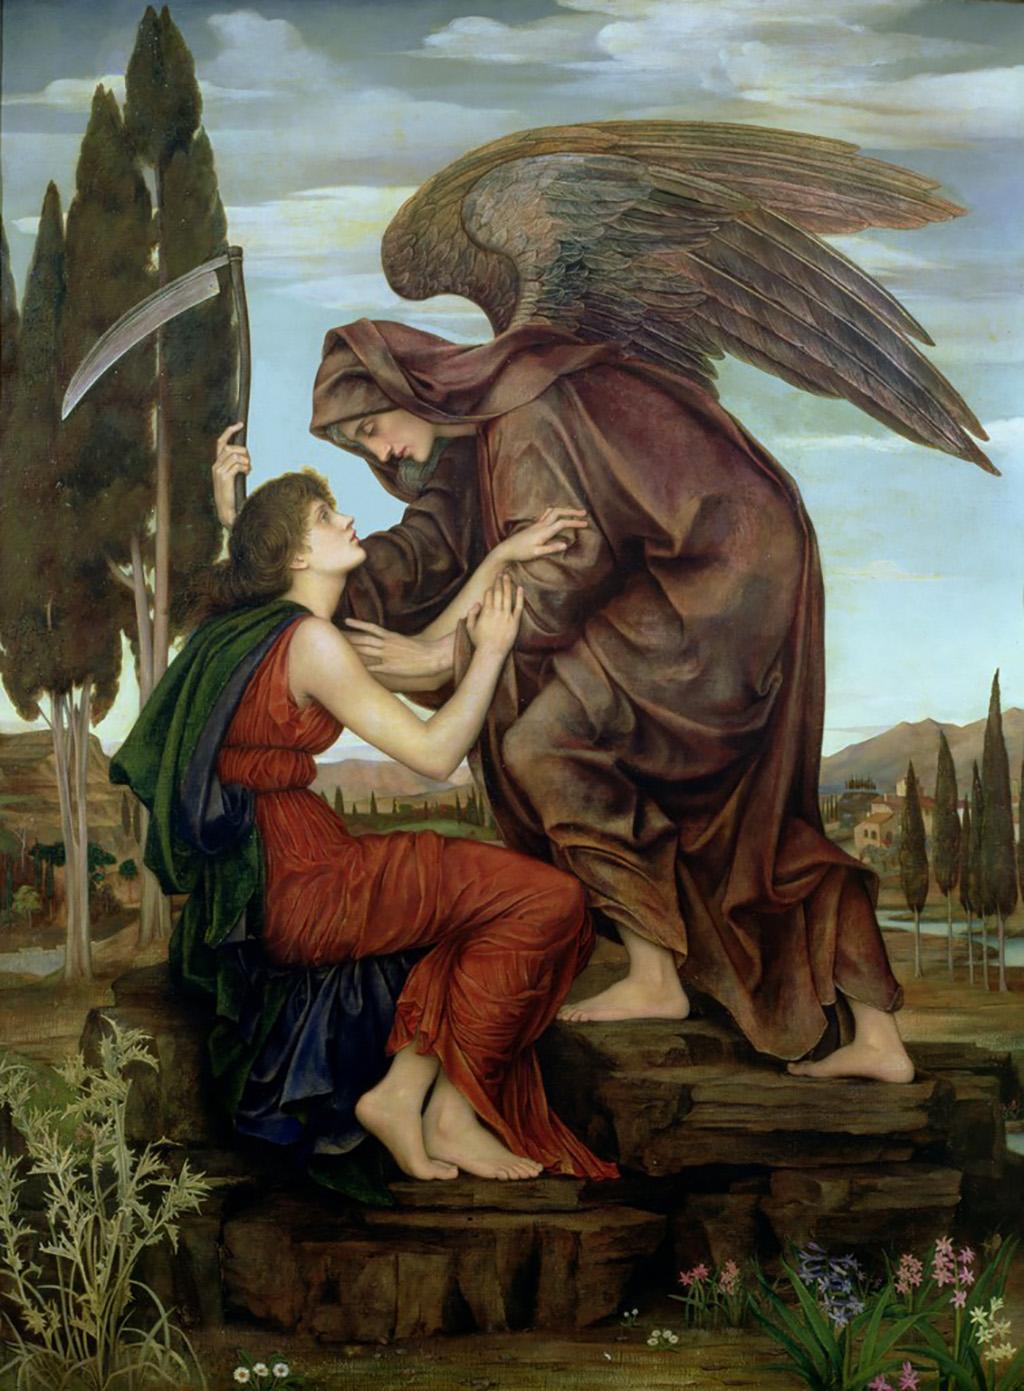 Ceifeiro, ceifador, morte, anjo da morte, dança macabra, azrael